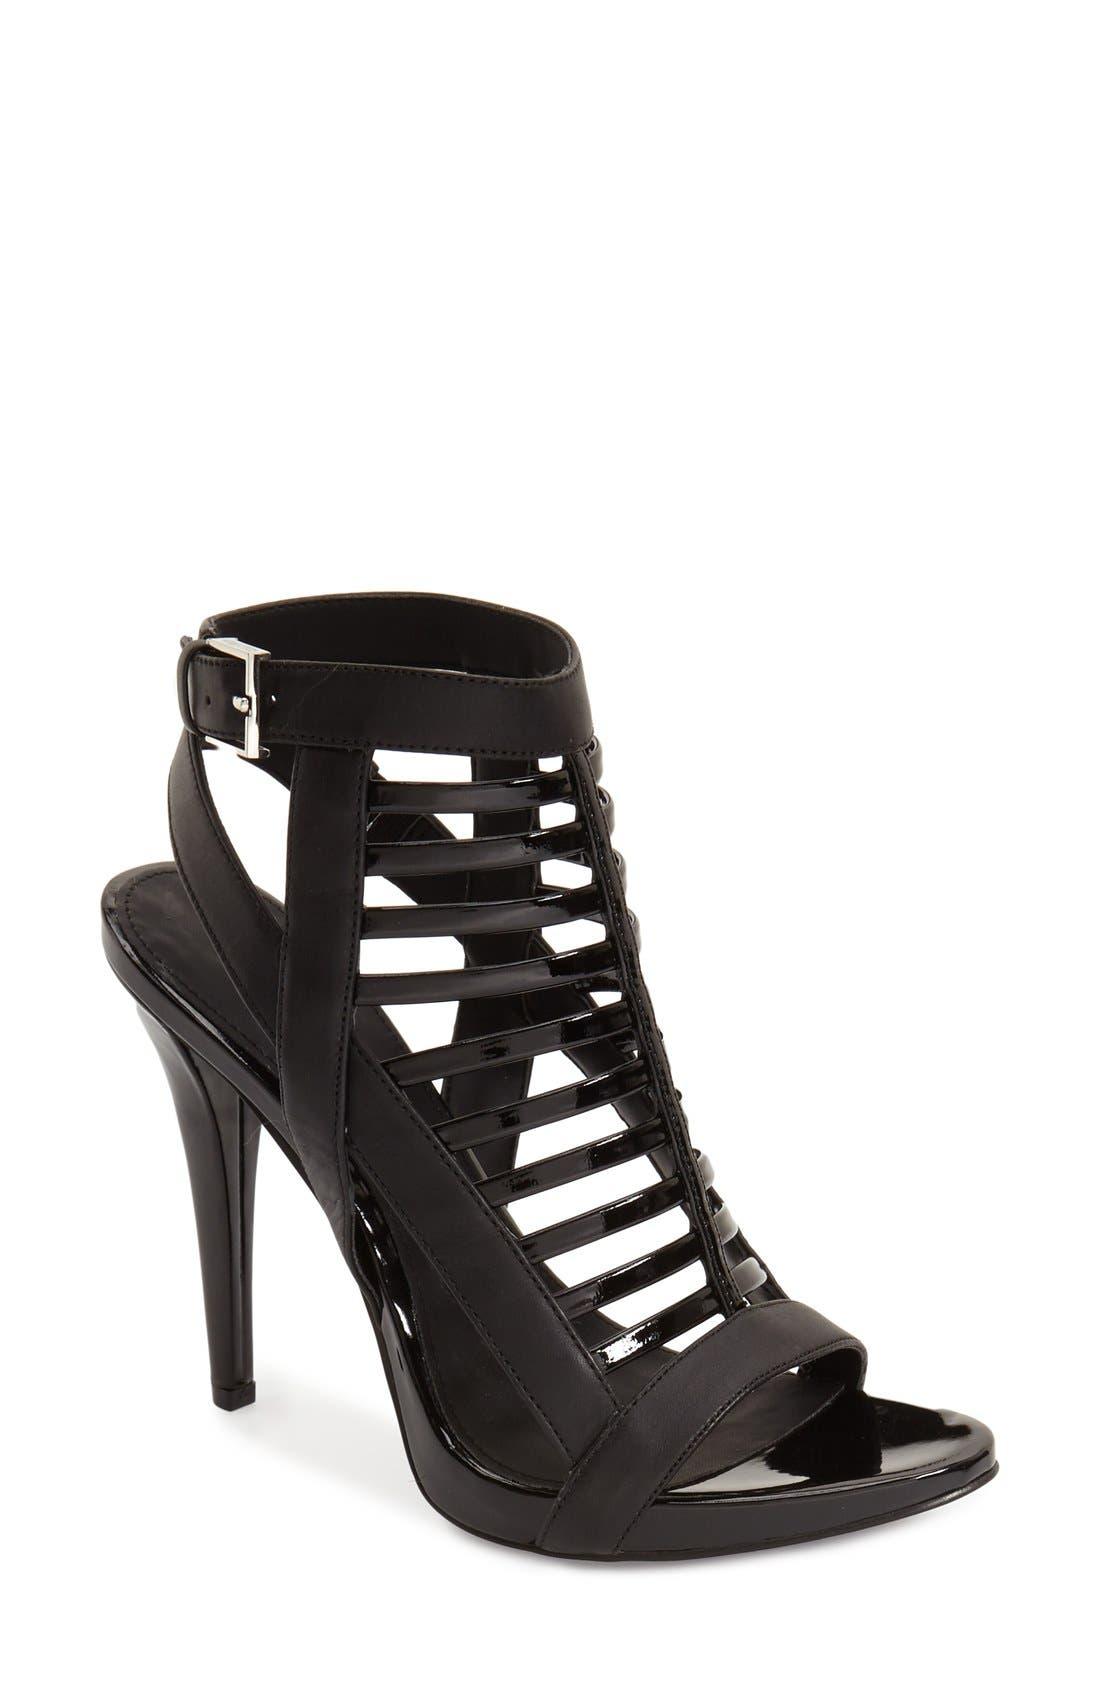 Main Image - Calvin Klein 'Nalo' Caged Sandal (Women)